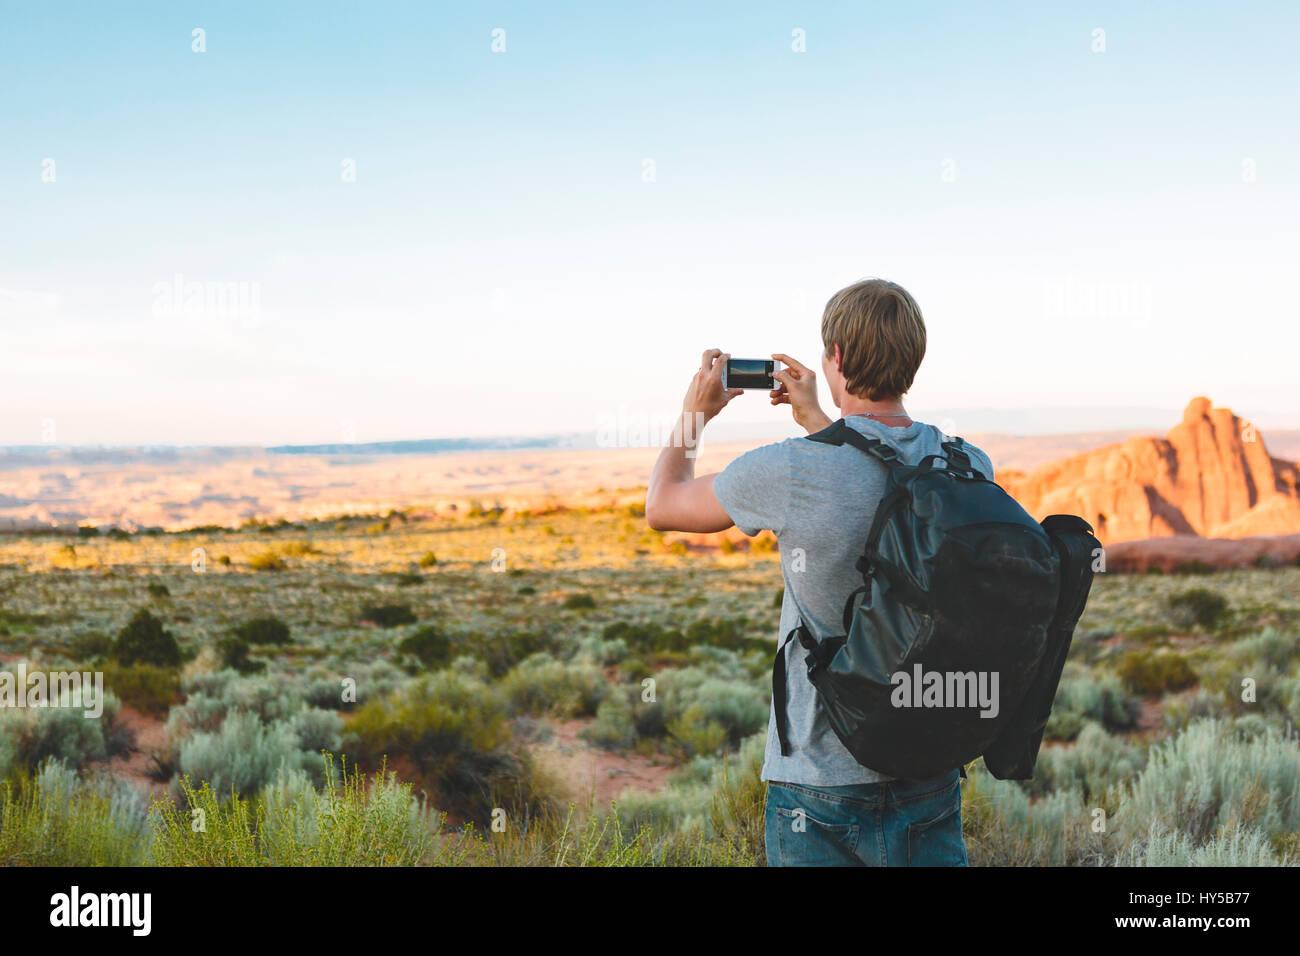 Stati Uniti d'America, Utah, Moab Arches National Park, l'uomo a fotografare il paesaggio Immagini Stock